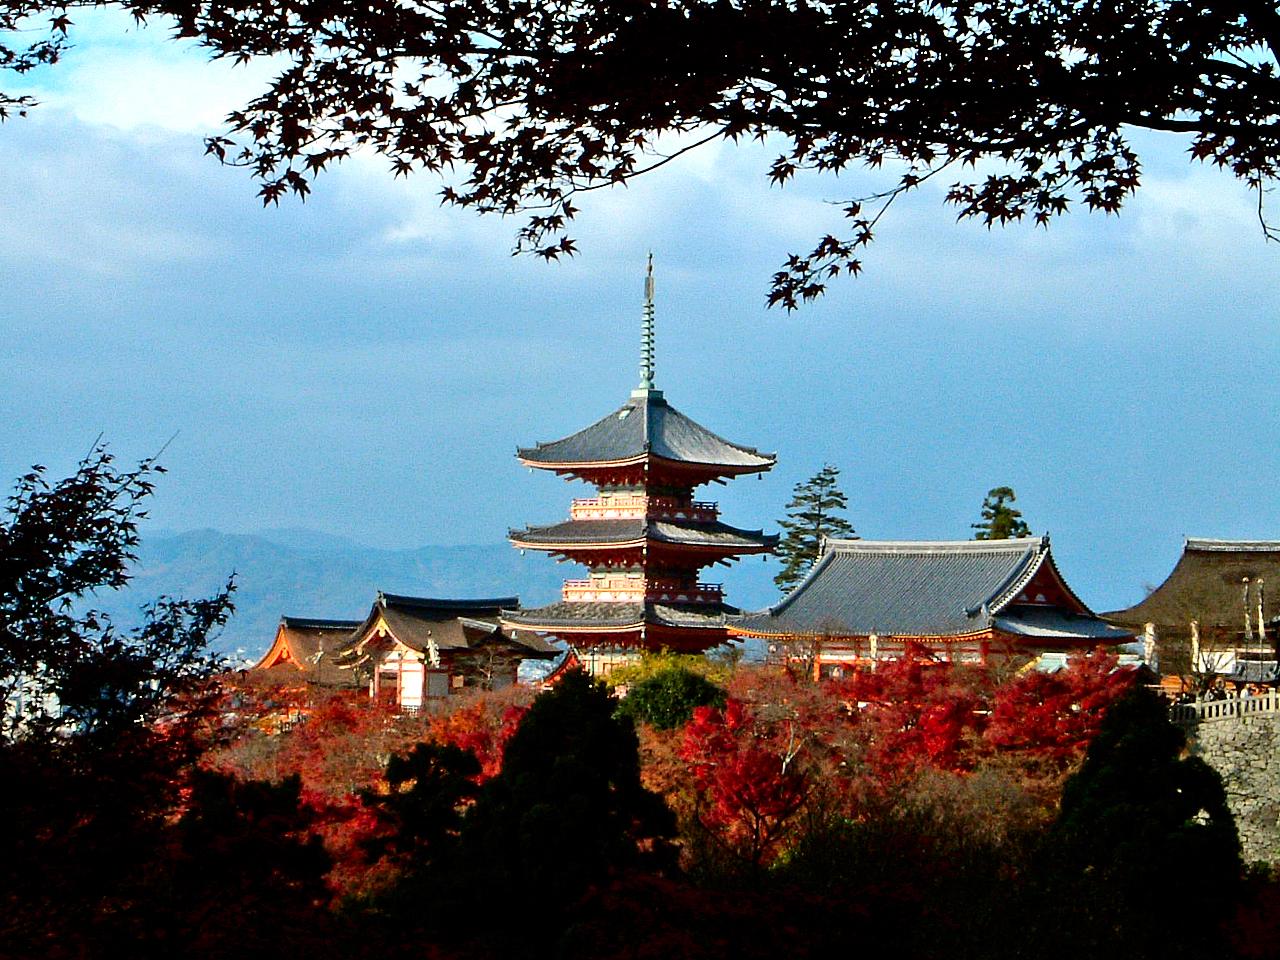 日本手绘风景海报